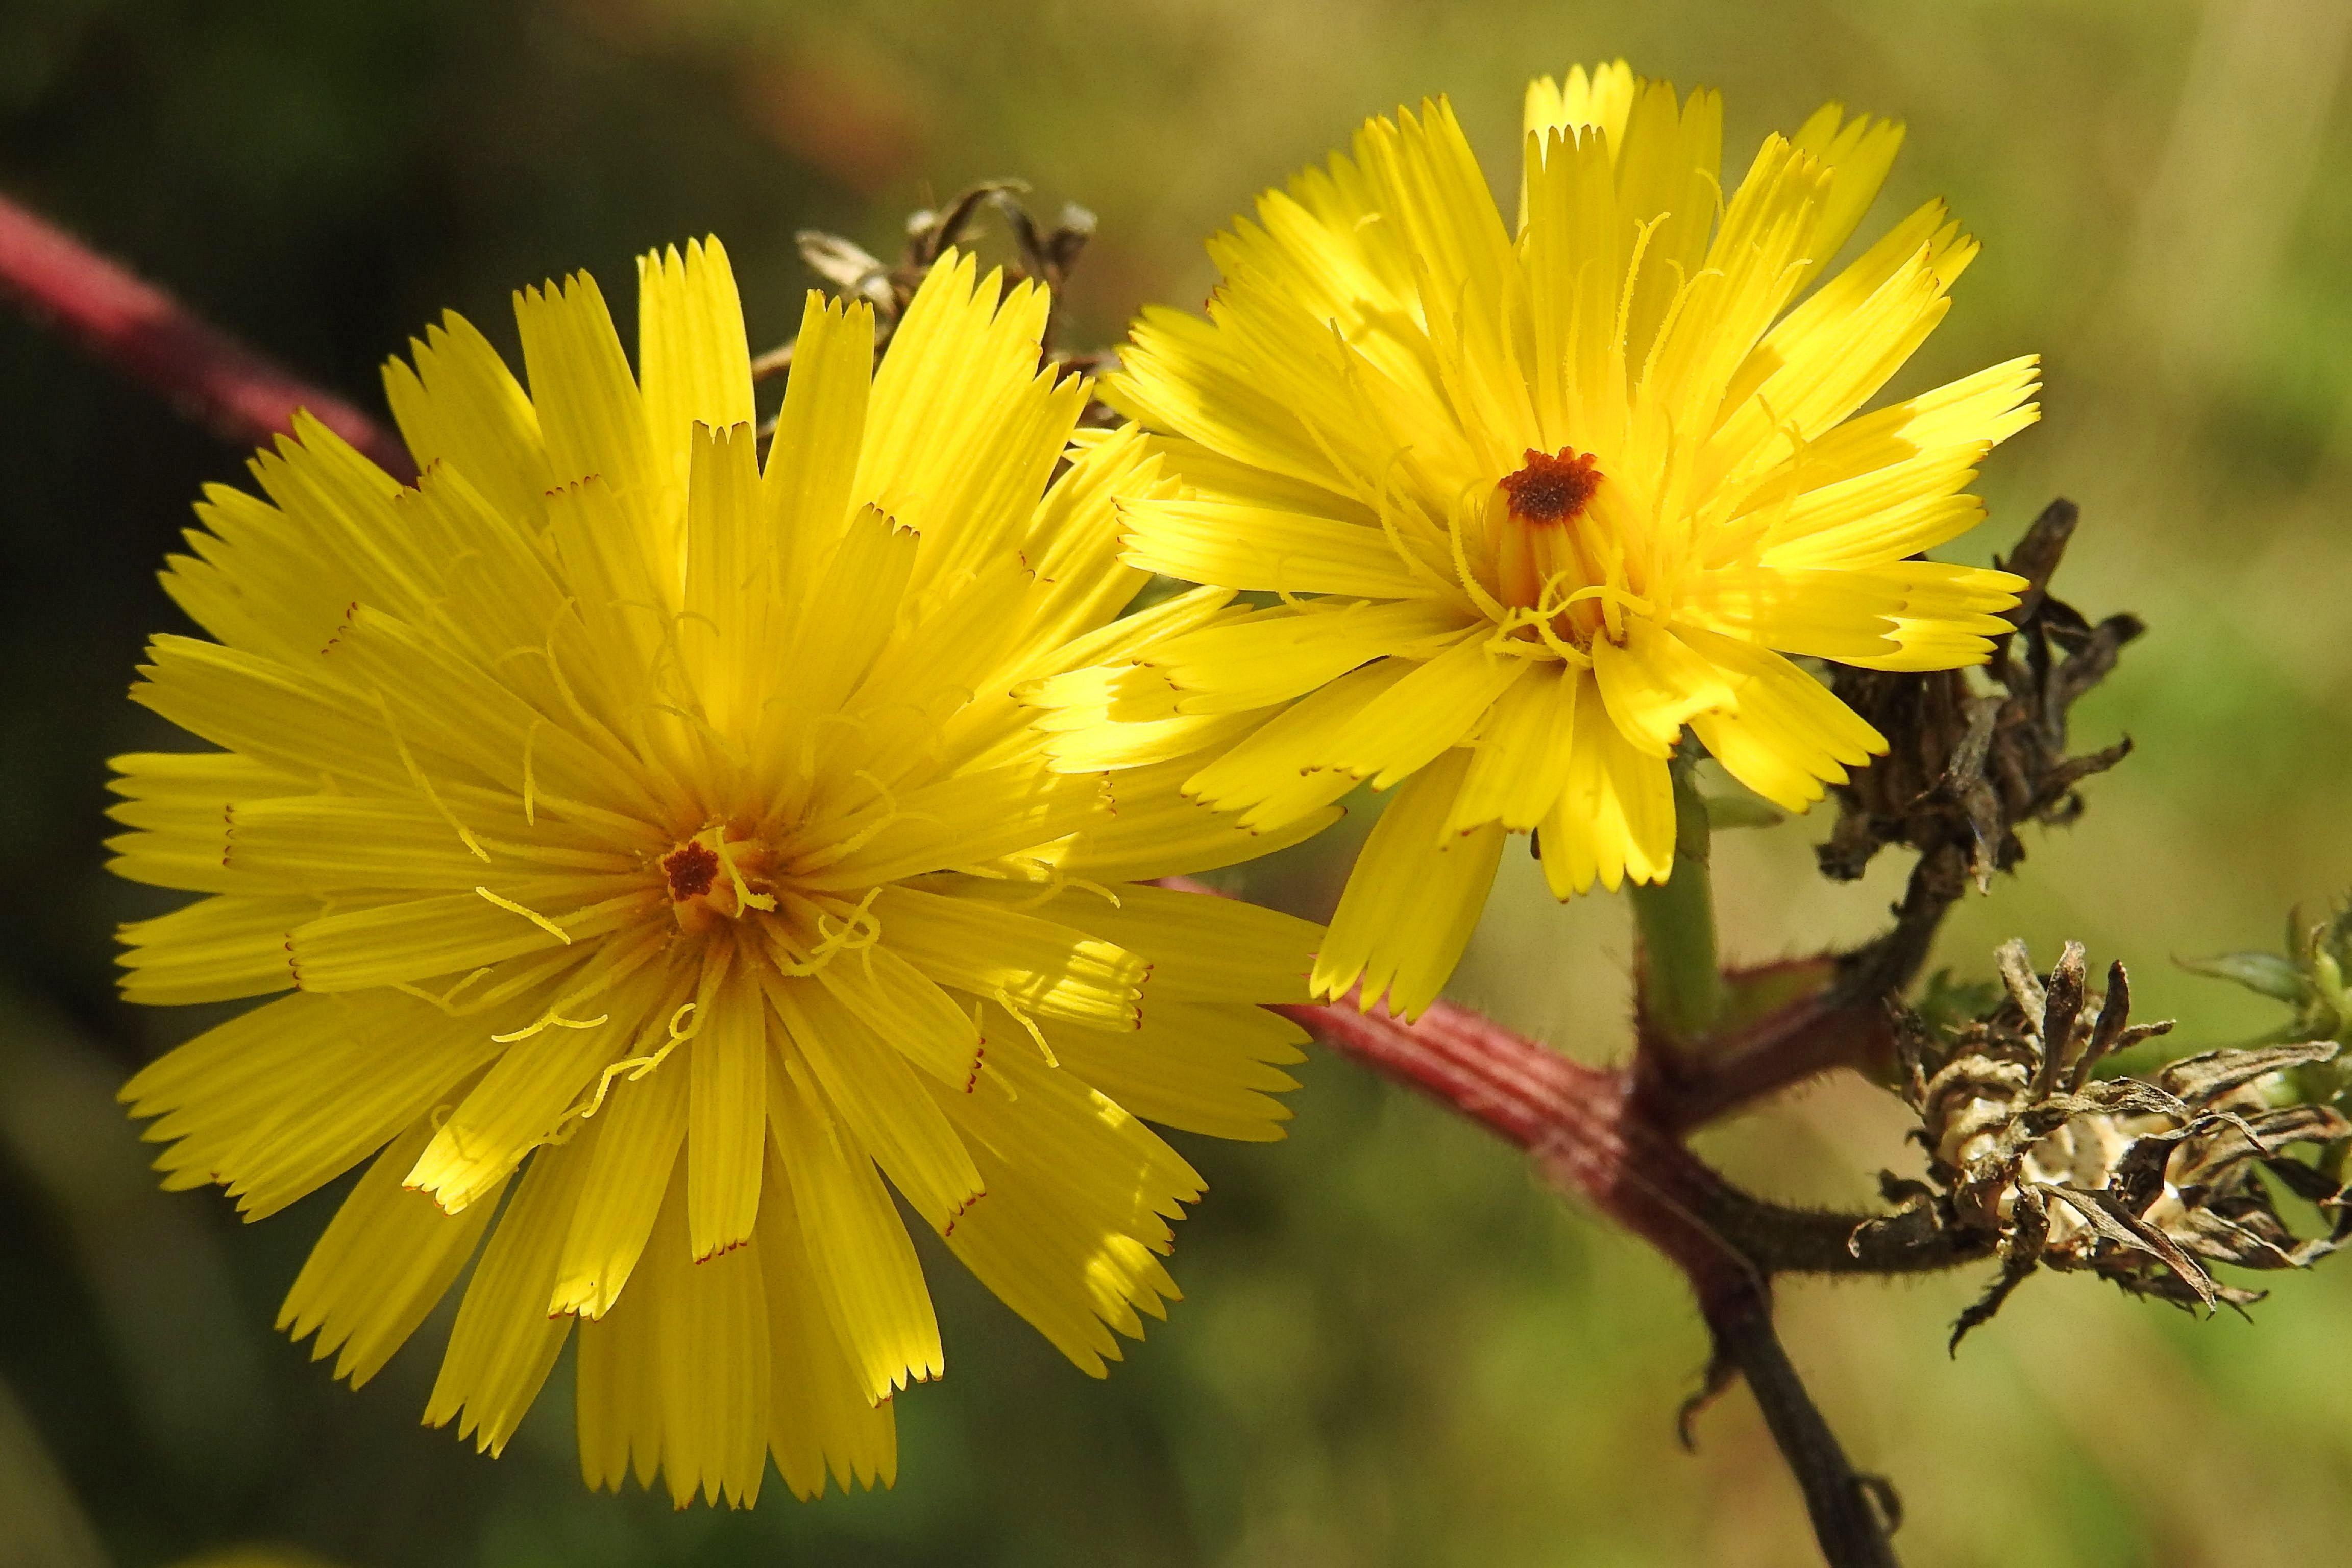 Fotos Gratis Naturaleza Fotografia Petalo Florecer Hierba